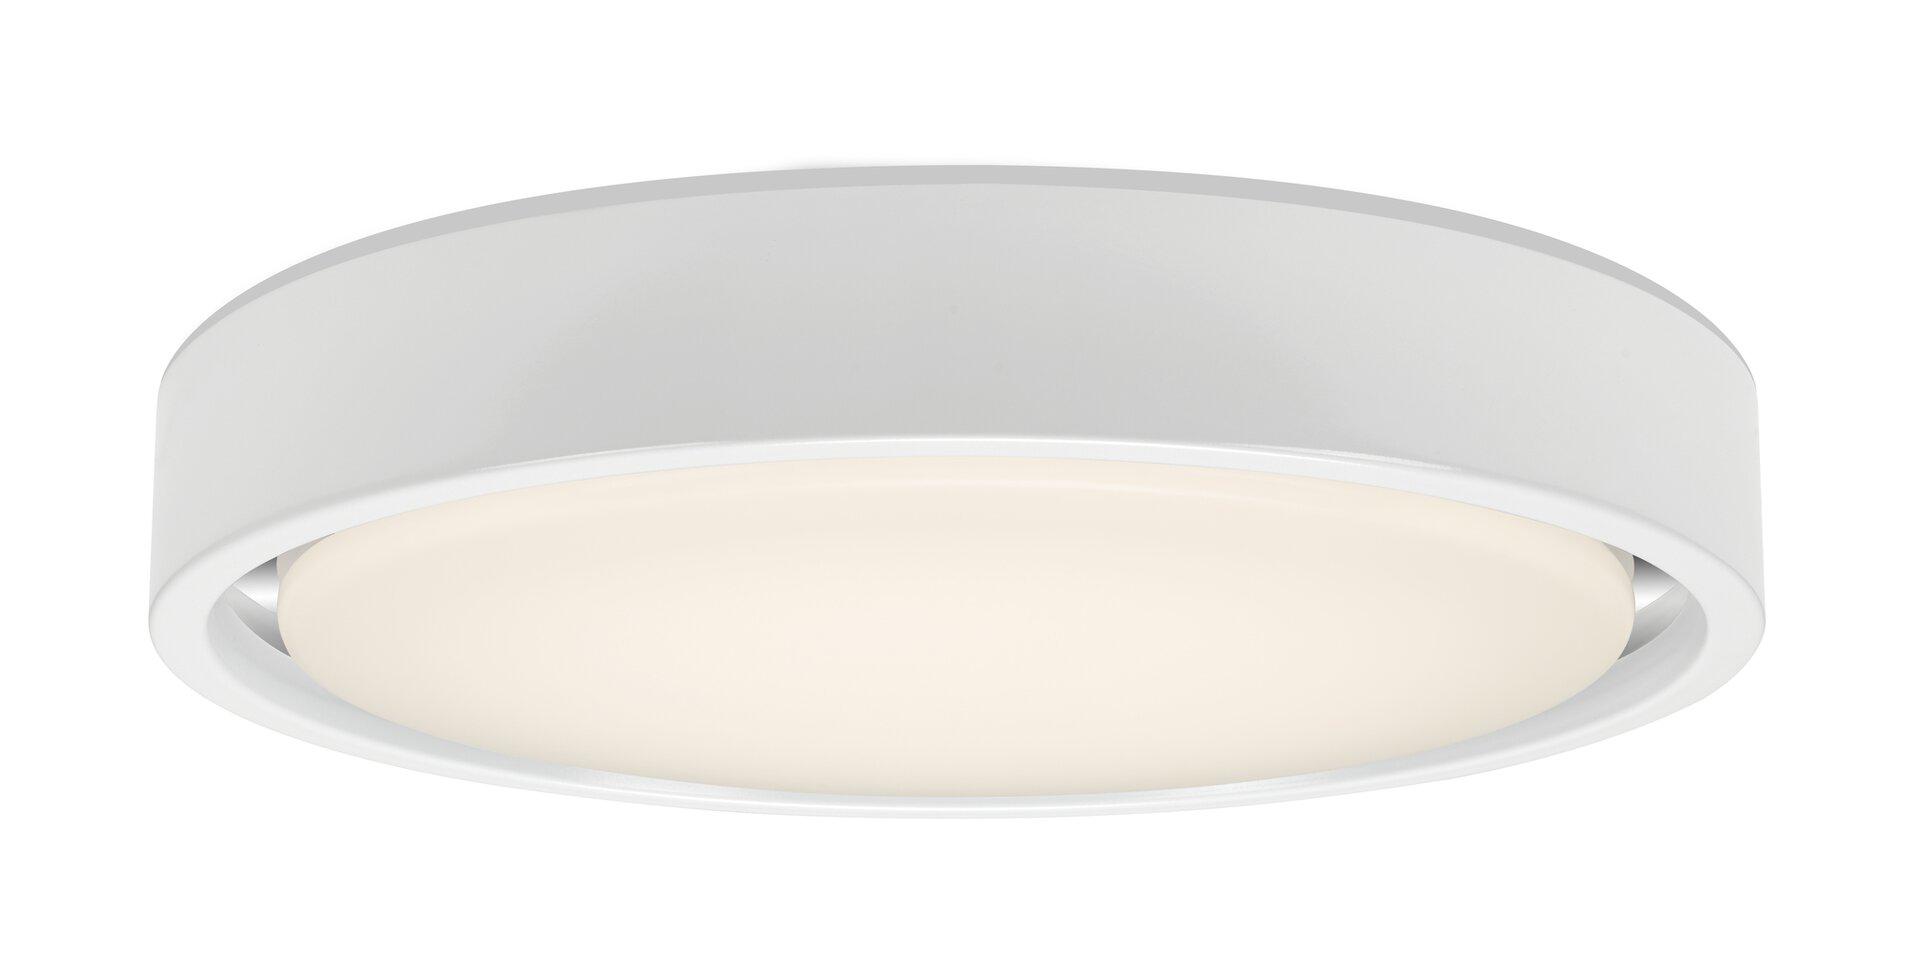 Deckenleuchte TALENA Briloner Metall weiß 36 x 8 x 36 cm